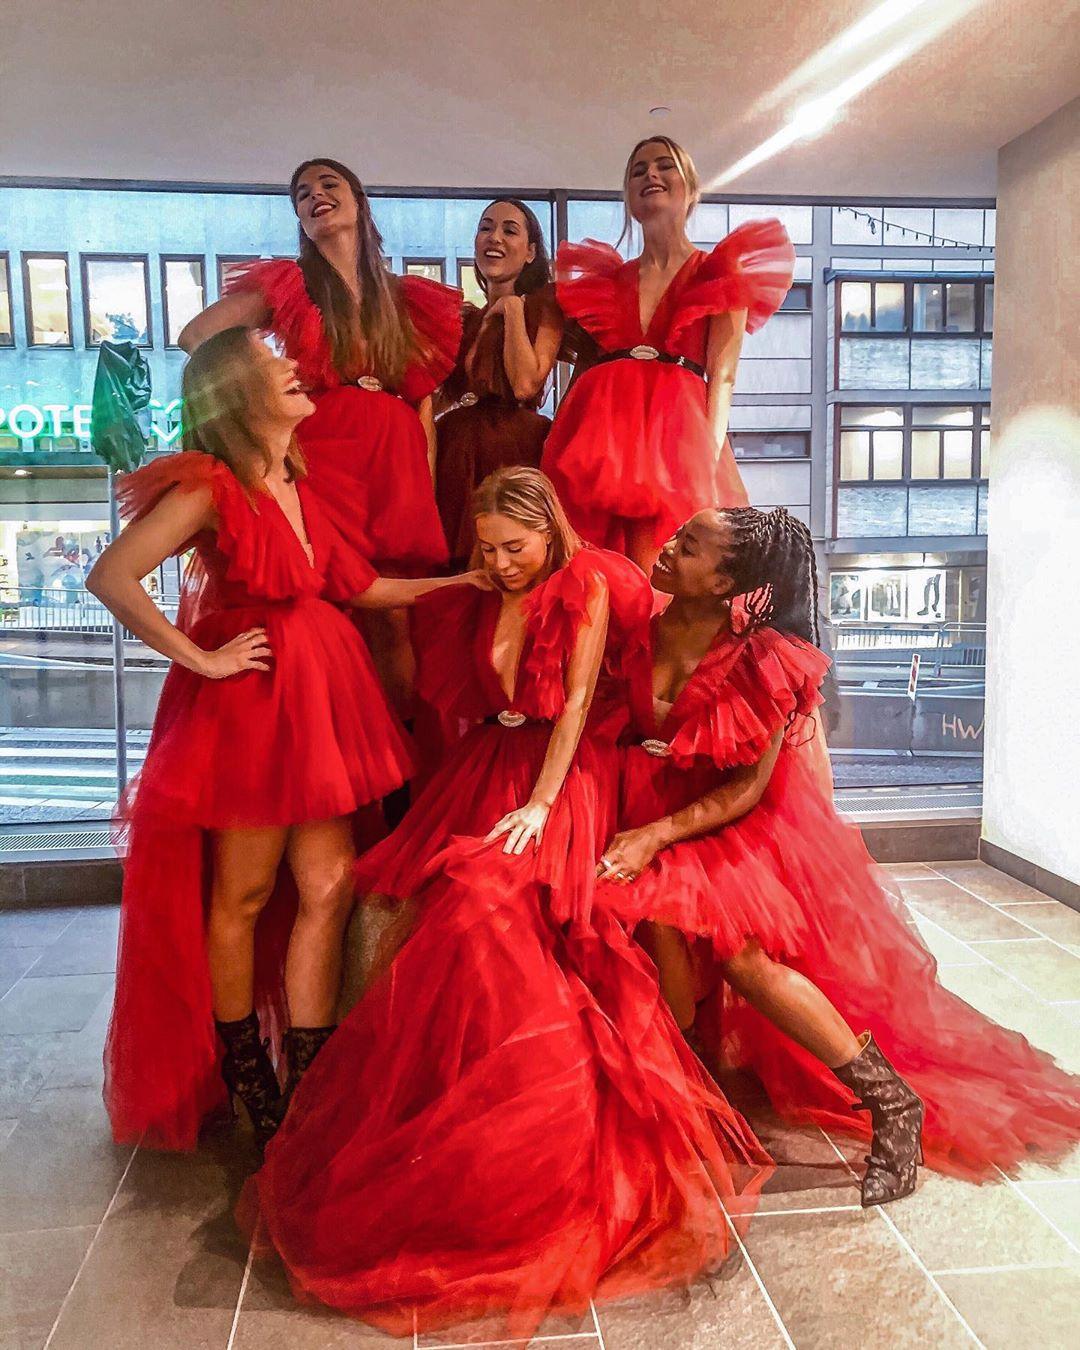 Seis mujeres utilizan el mismo vestido rojo.